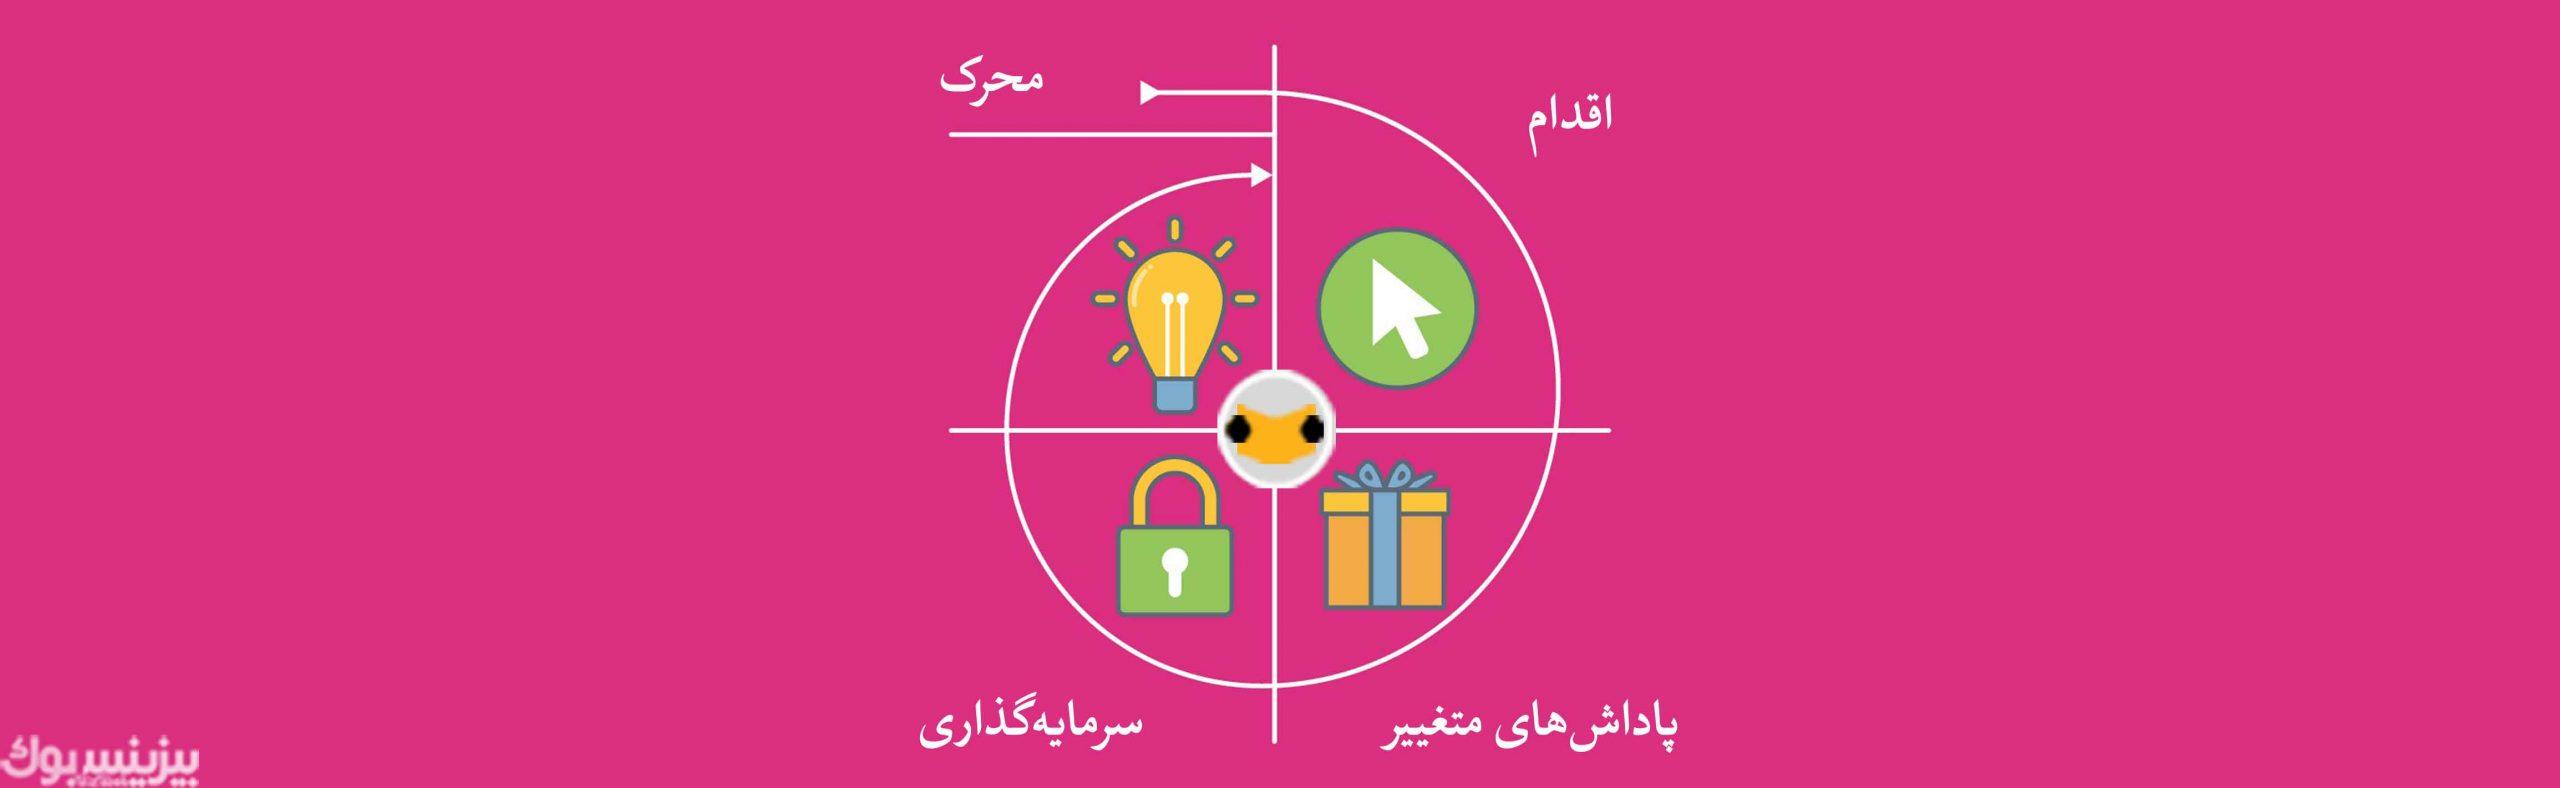 مدل هوک در استراتژی بازاریابی محتوایی